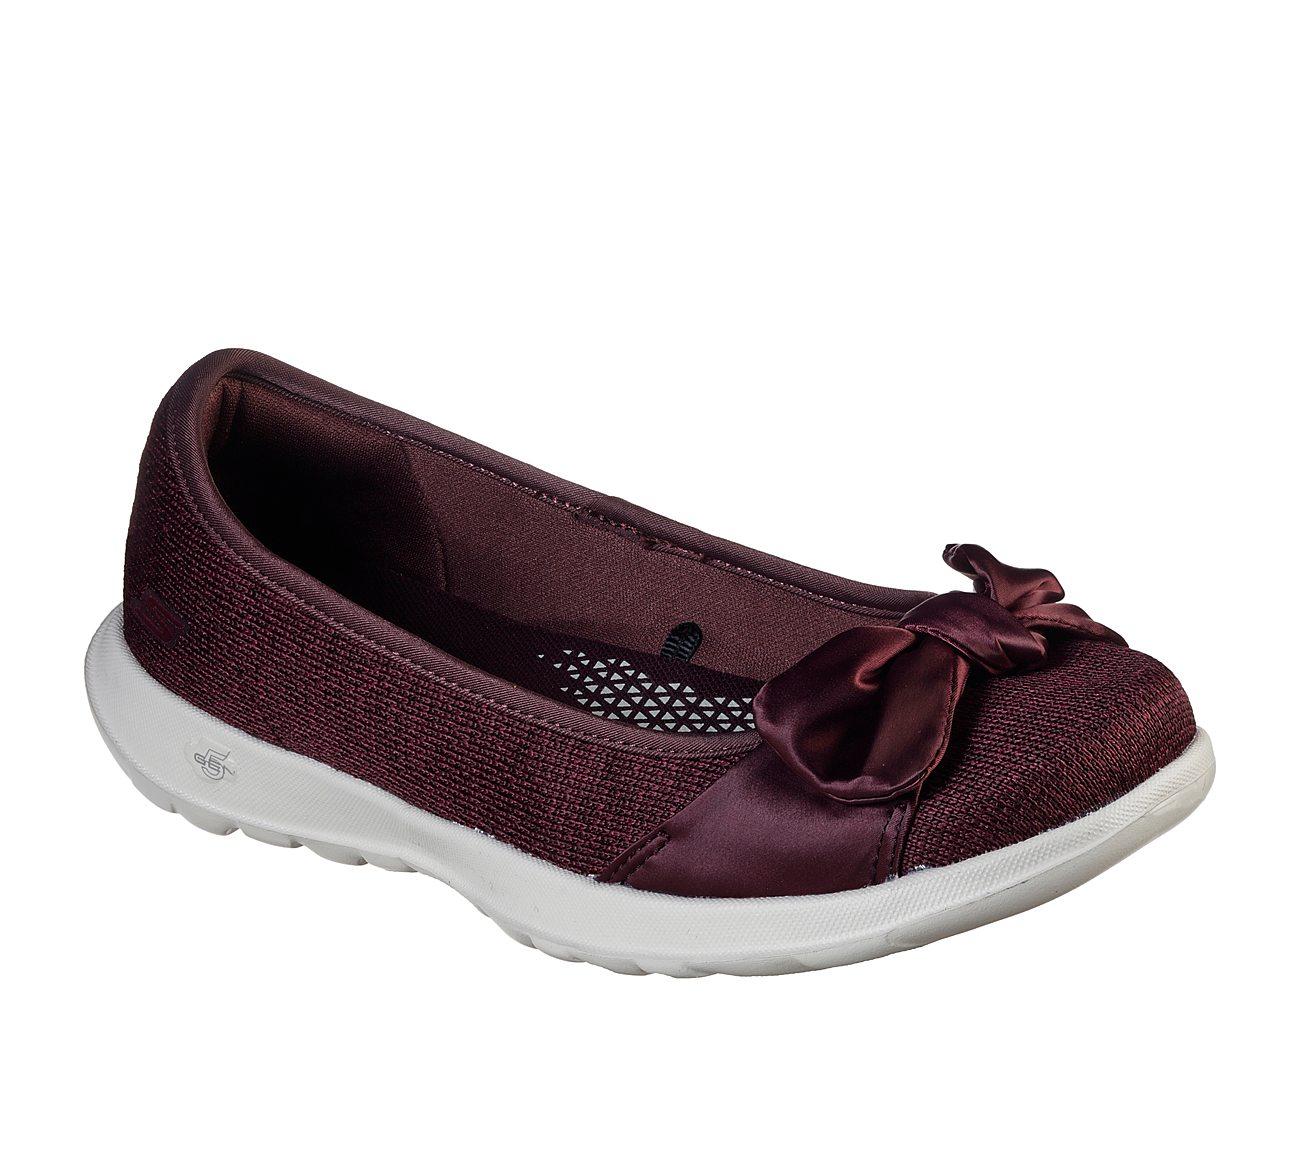 skechers shoes website